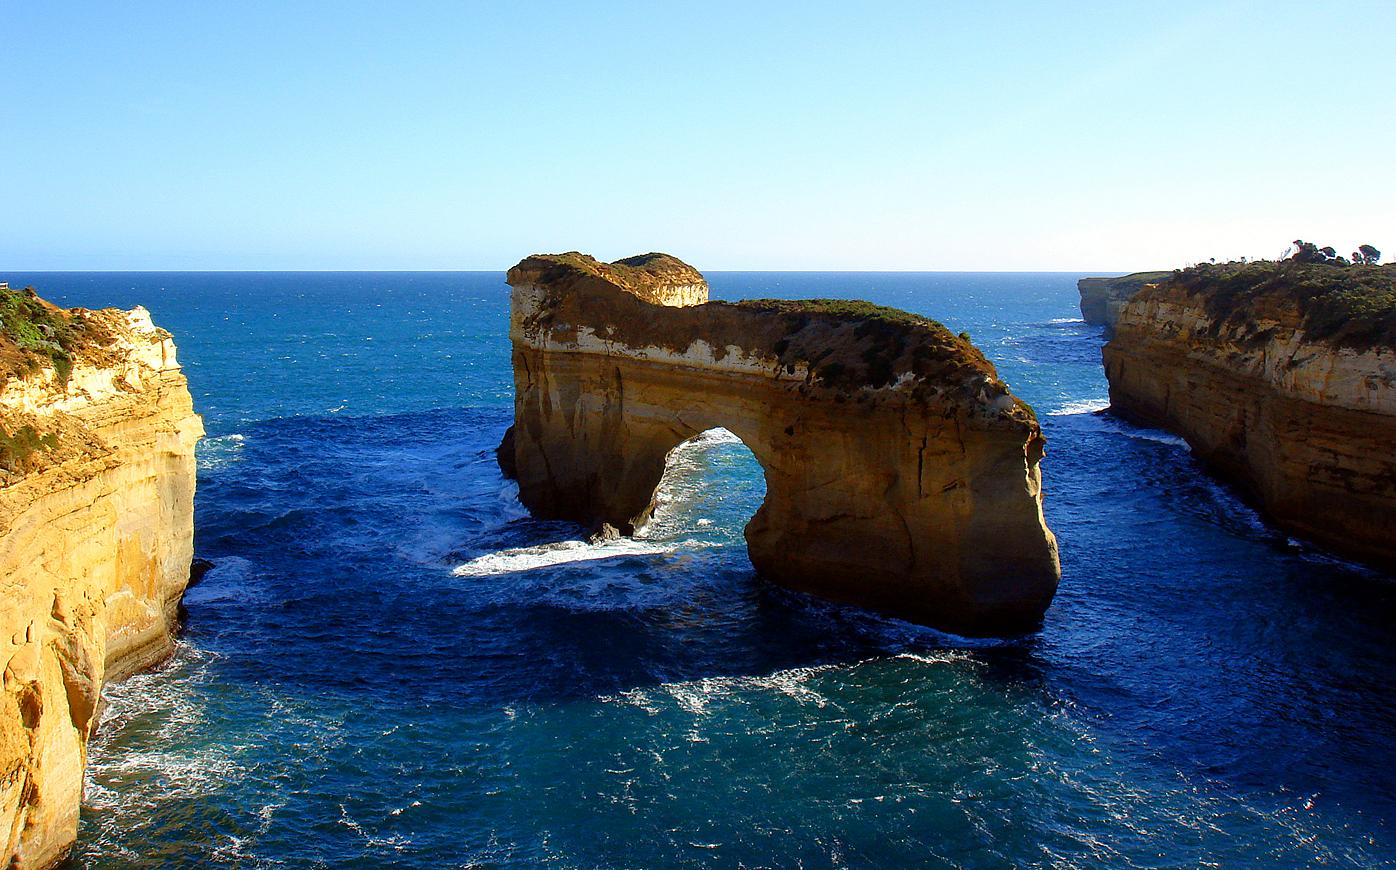 http://1.bp.blogspot.com/_De3HUQ-A6EA/TUrTBFbAl_I/AAAAAAAABy4/nj7aIJ61hTs/s1600/great+ocean+road+image.jpg+%25282%2529.jpg